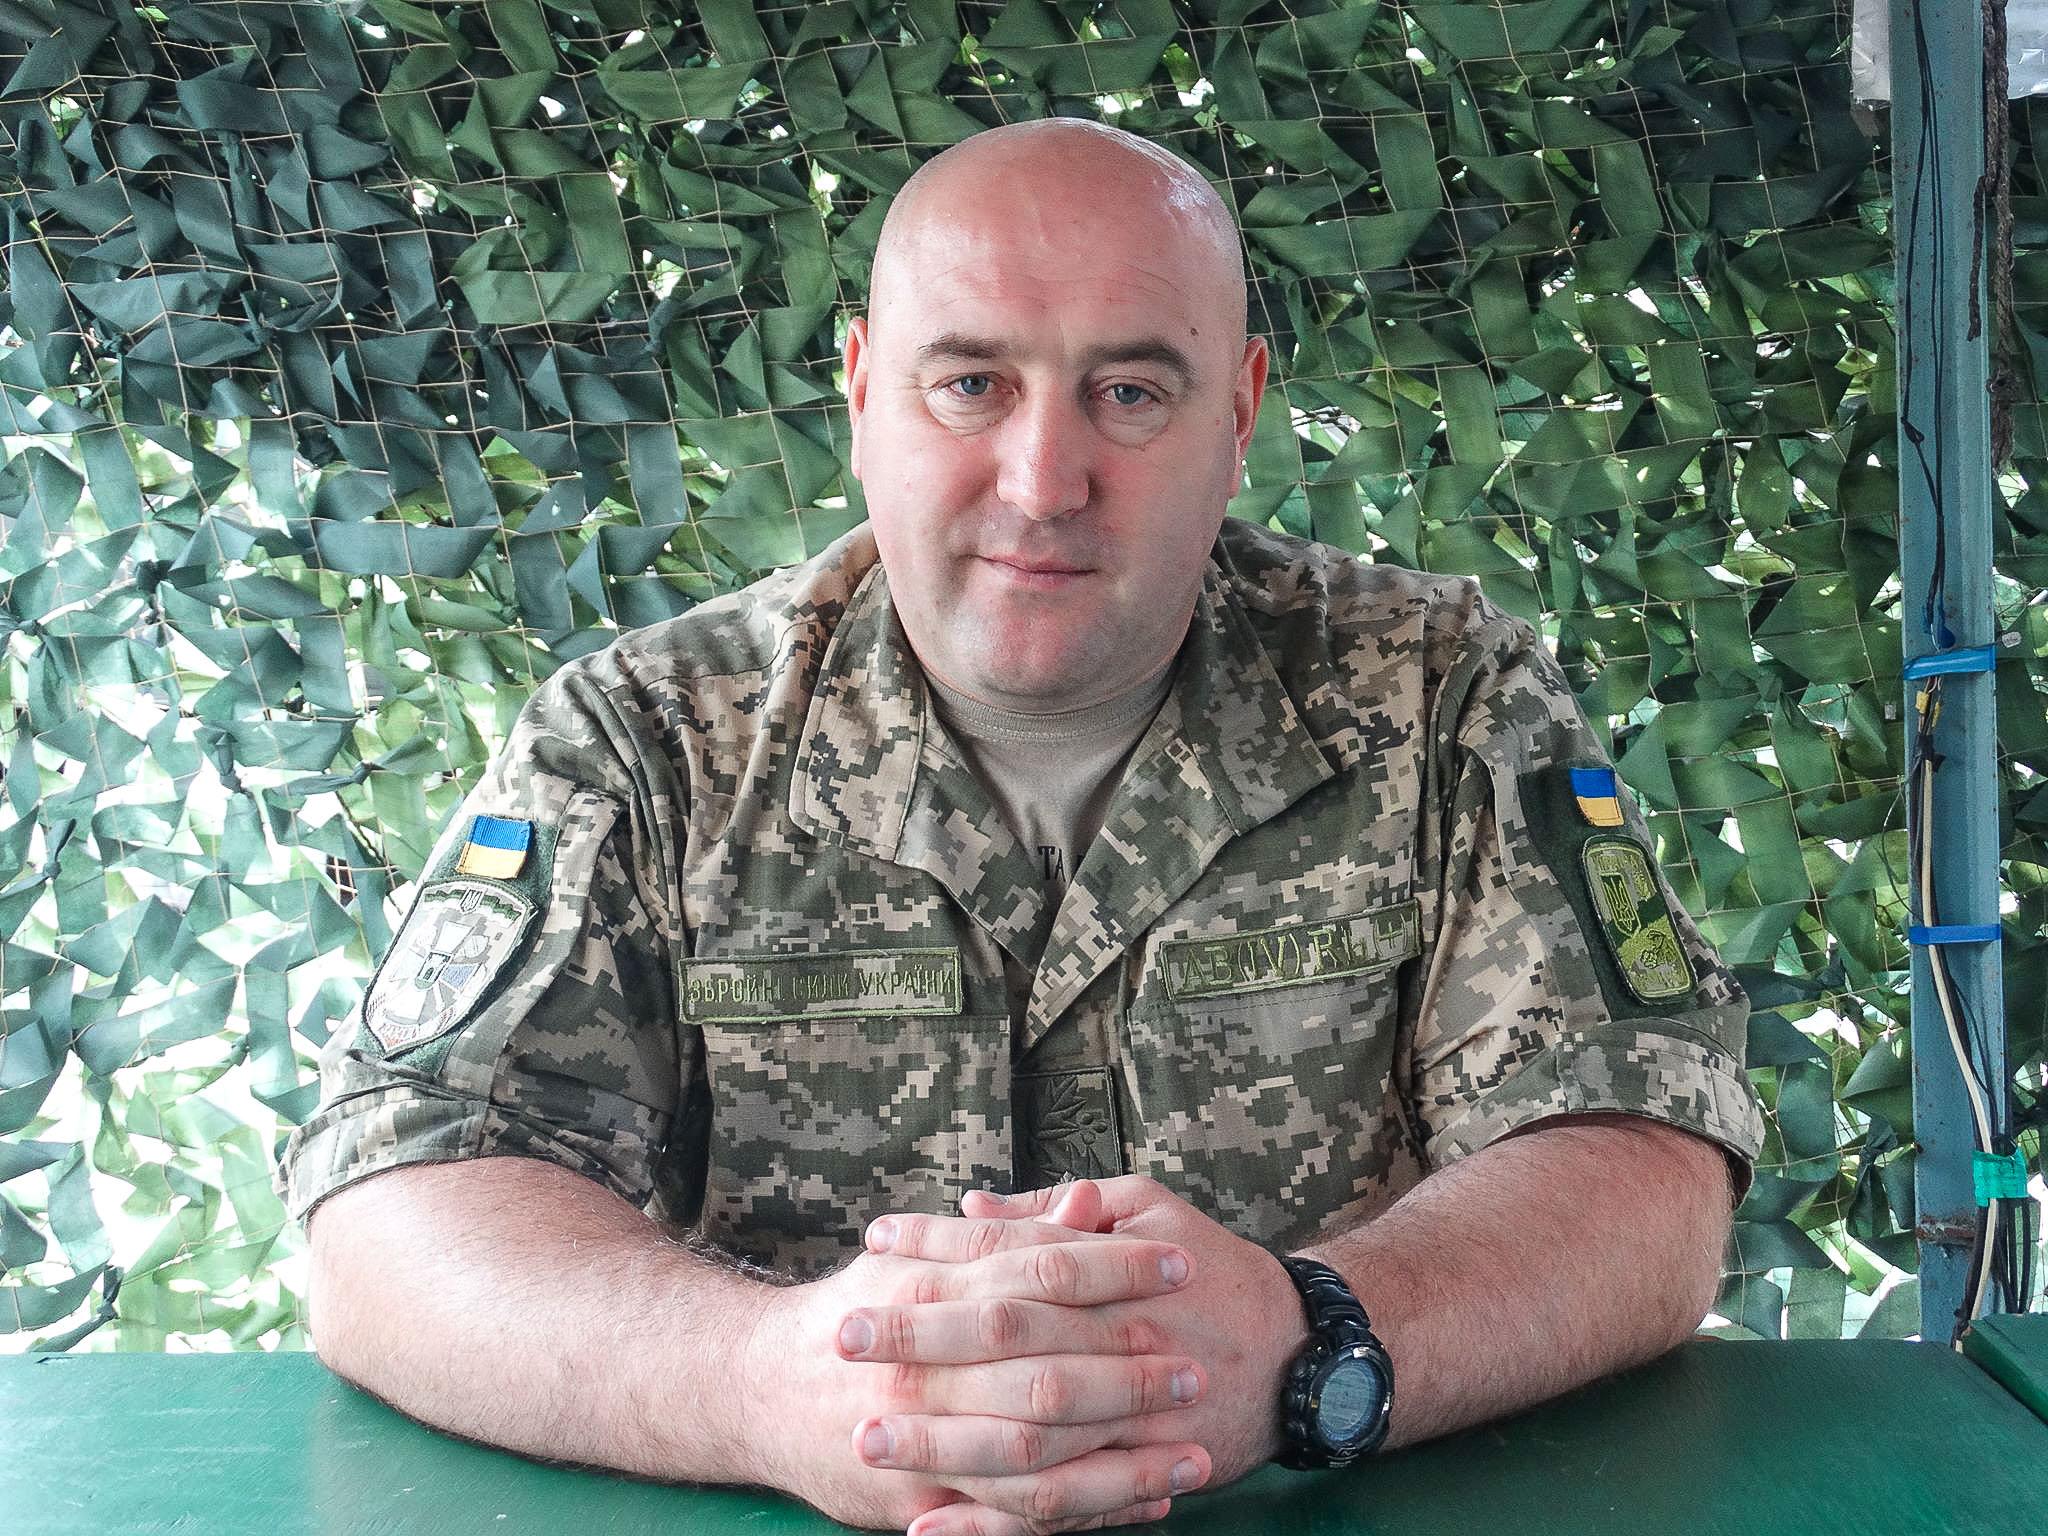 Олег Микац о перемирии, волонтерах в зоне АТО и невоенных путях освобождения Донбасса